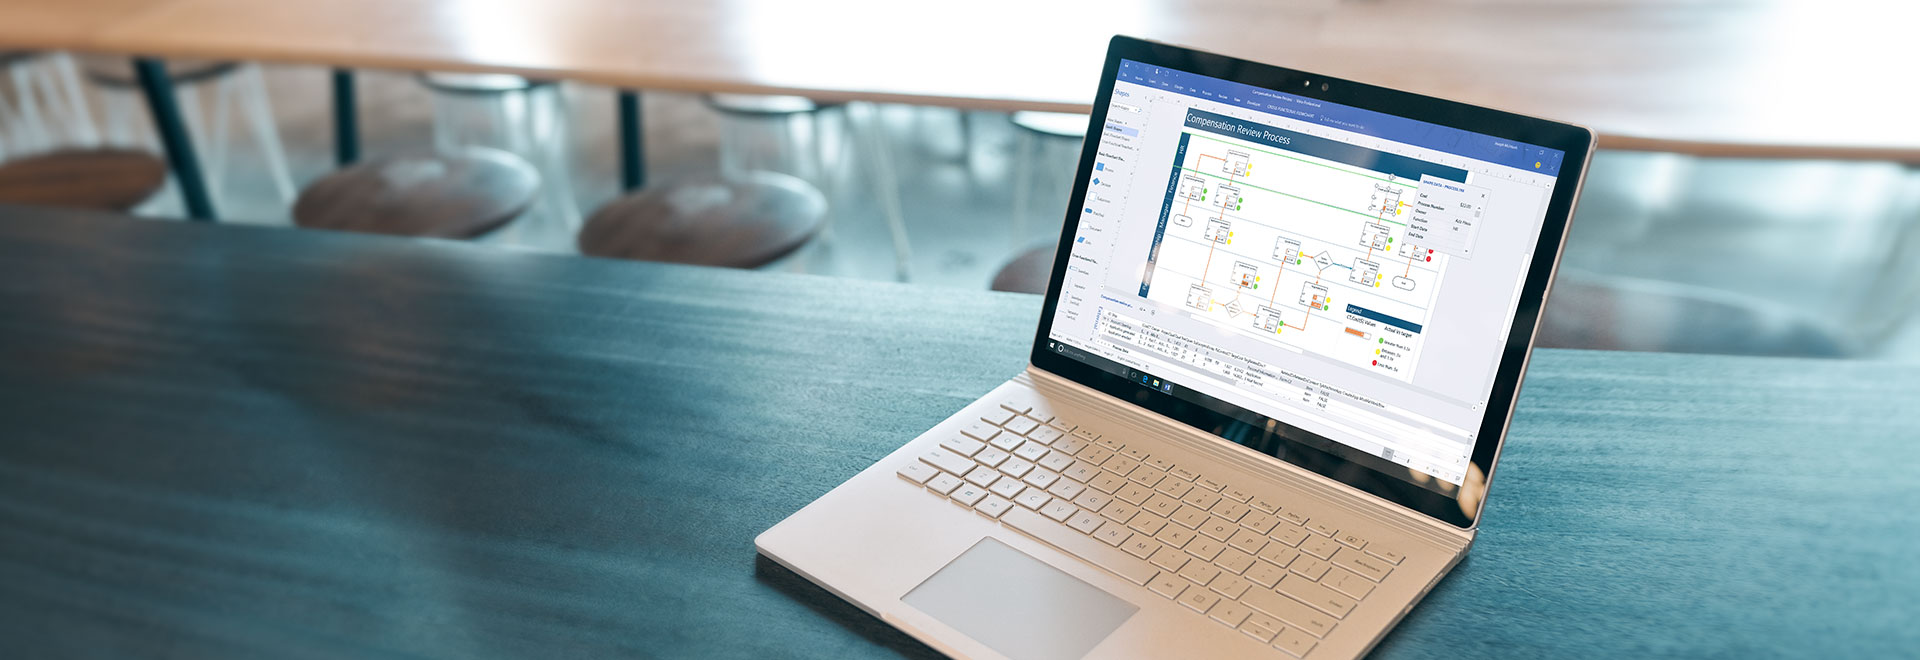 Prijenosno računalo na kojem je prikazan dijagram tijeka procesa u programu Visio Pro za Office 365